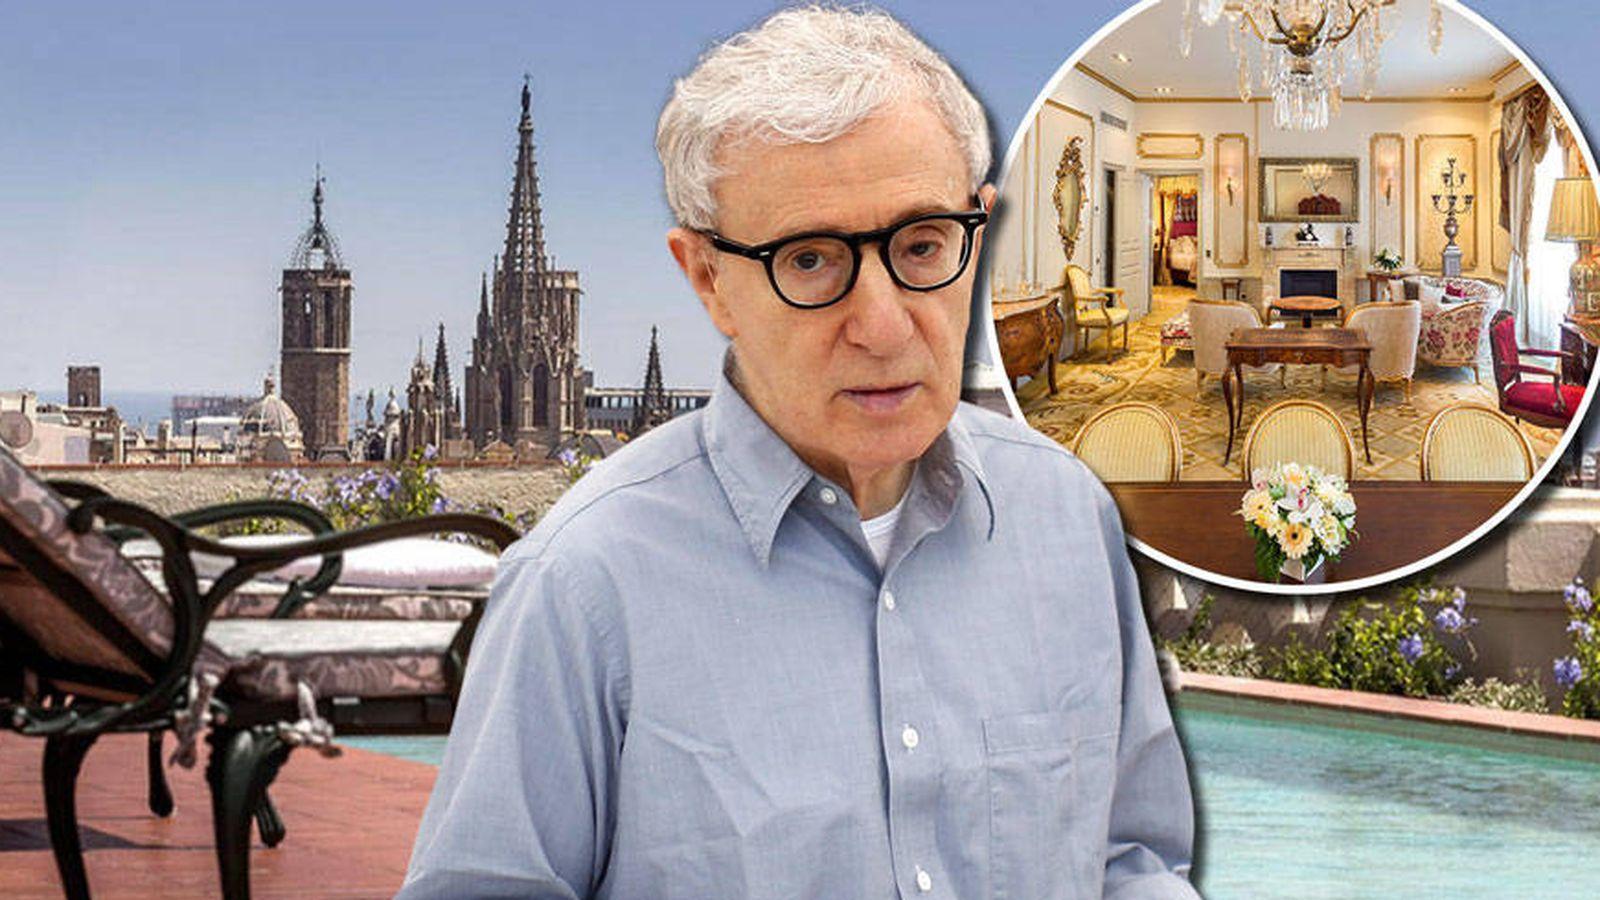 Foto: Woody Allen en un montaje realizado por Vanitatis.